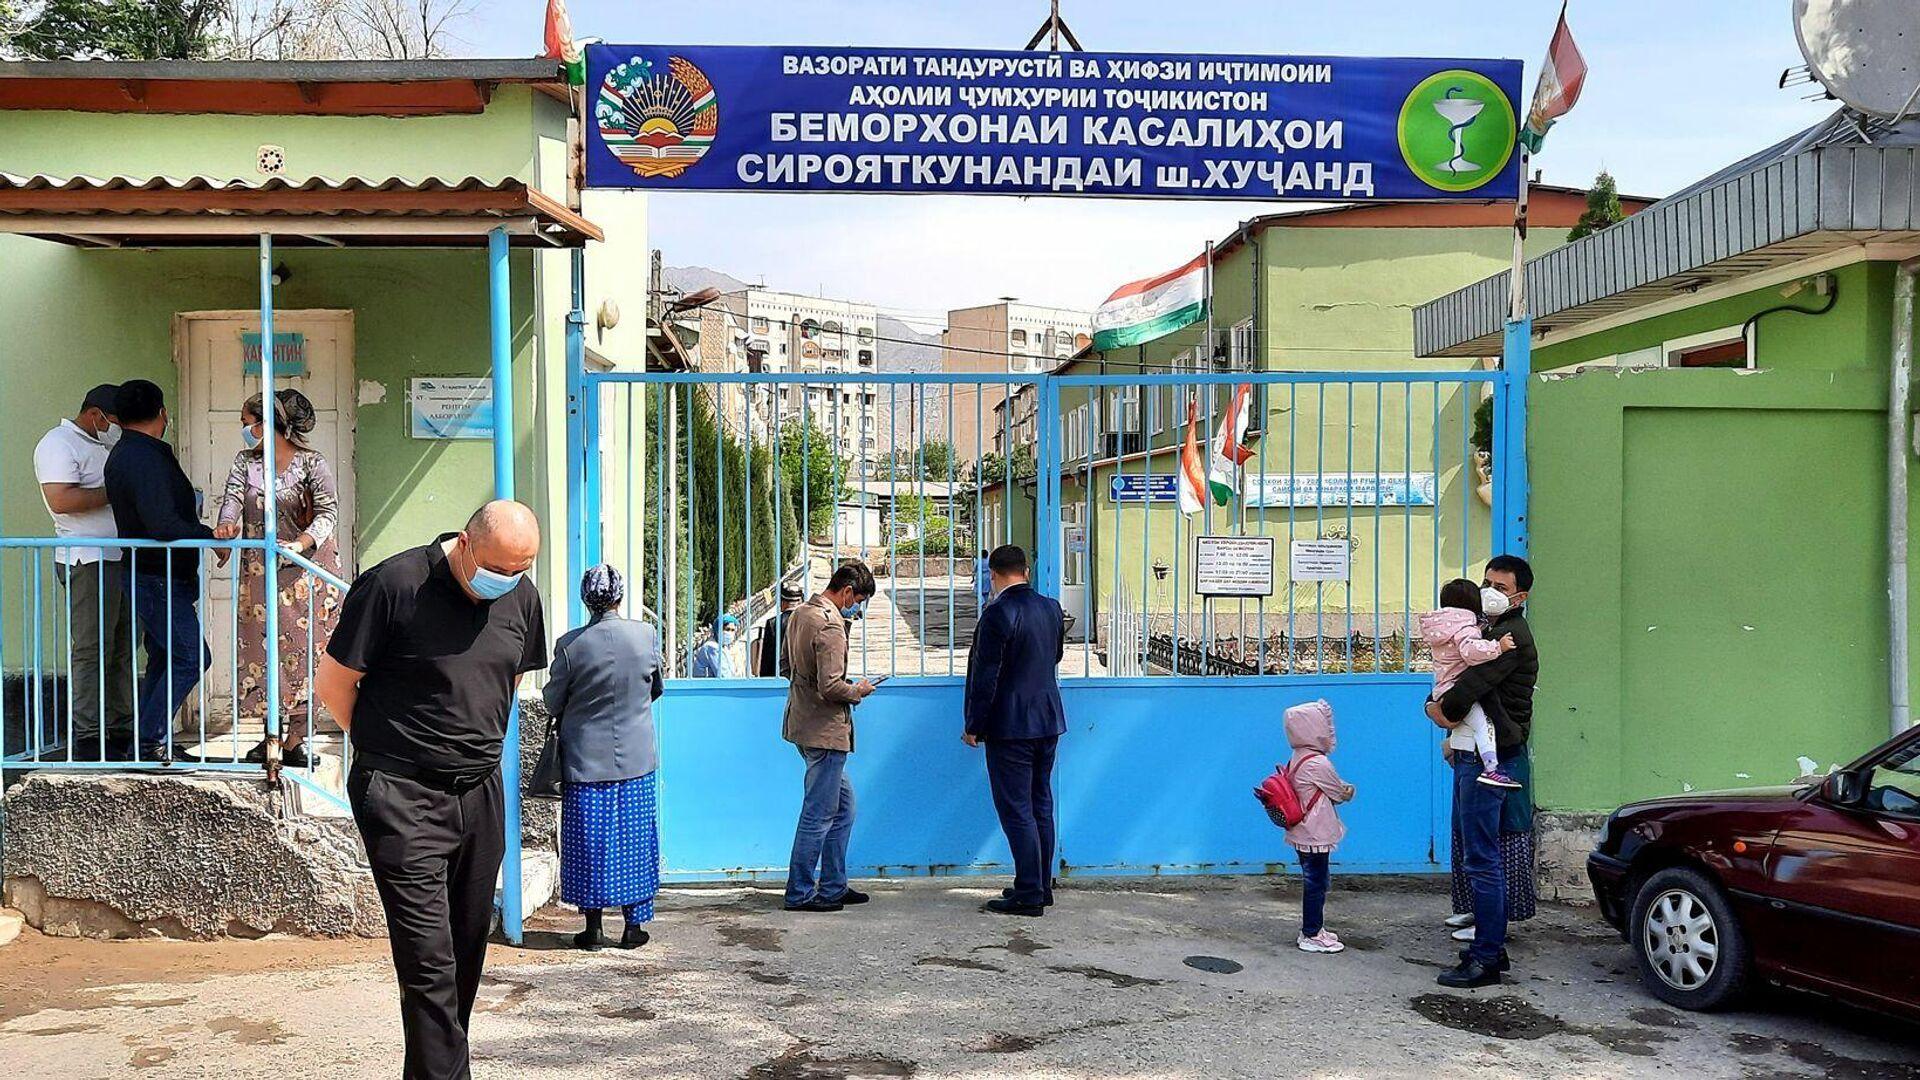 Беморхонаи касалиҳои сирояткунандаи шаҳри Хуҷанд - Sputnik Таджикистан, 1920, 09.10.2021